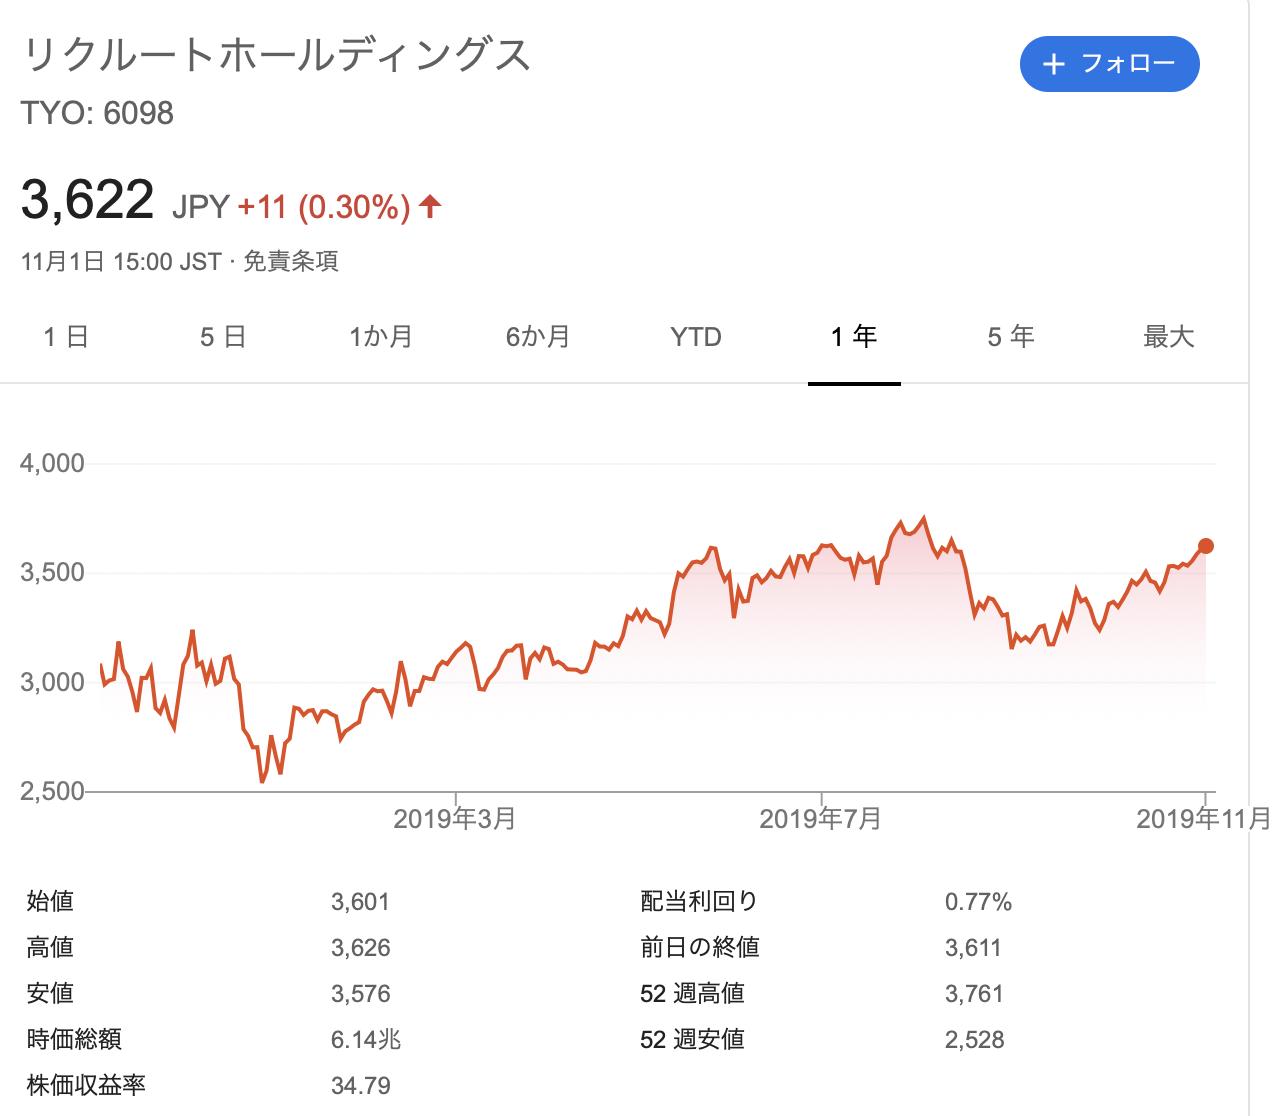 リクルートホールディングス 株価